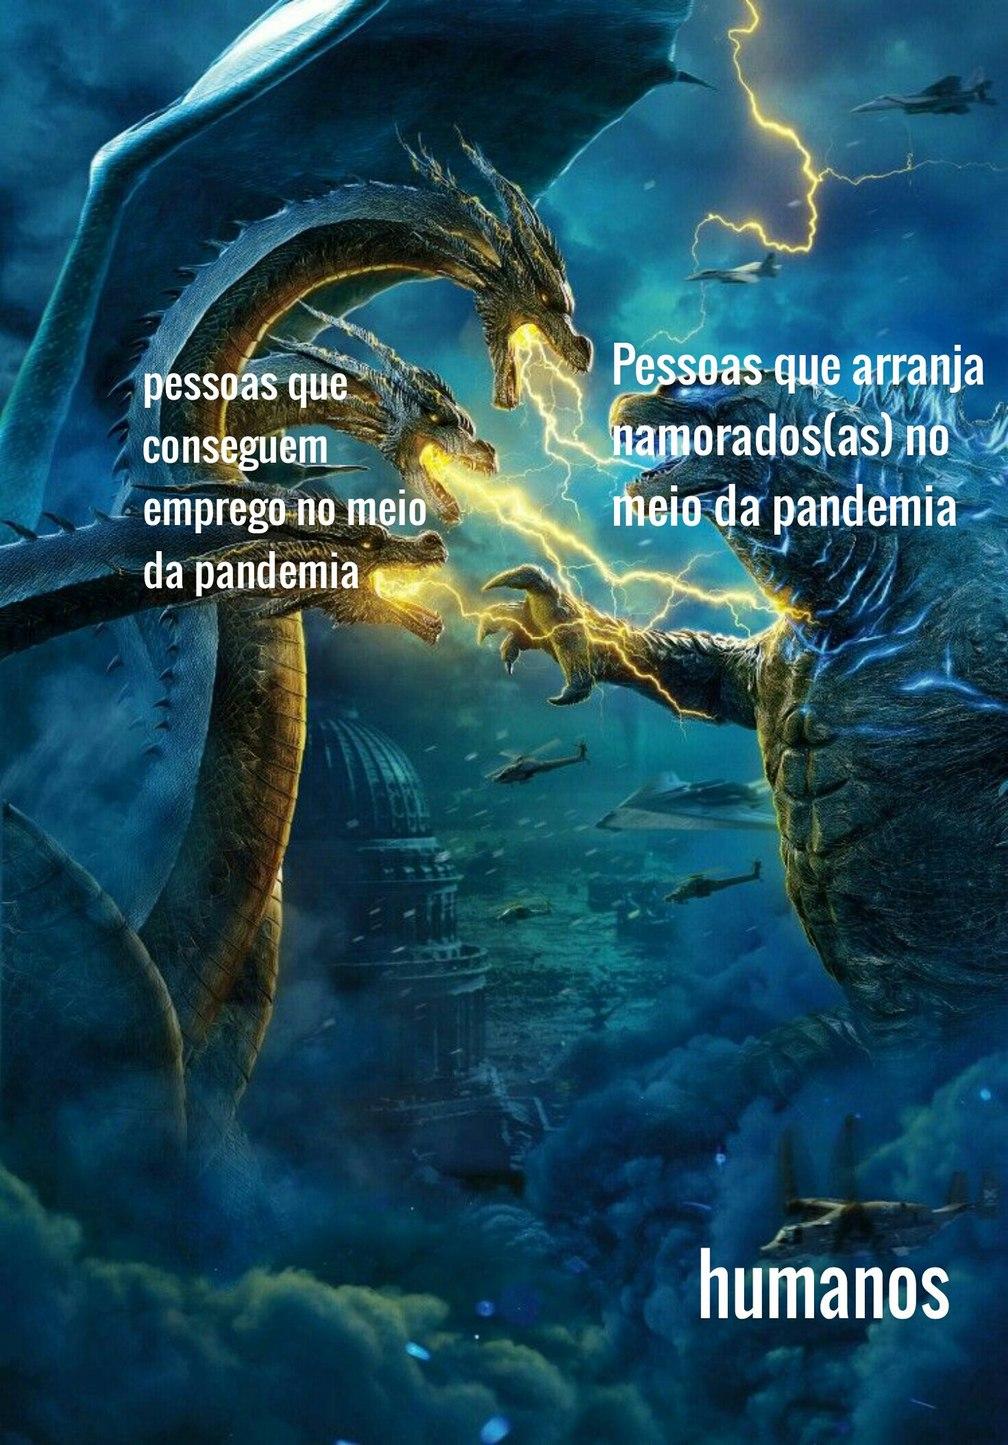 Monstros - meme